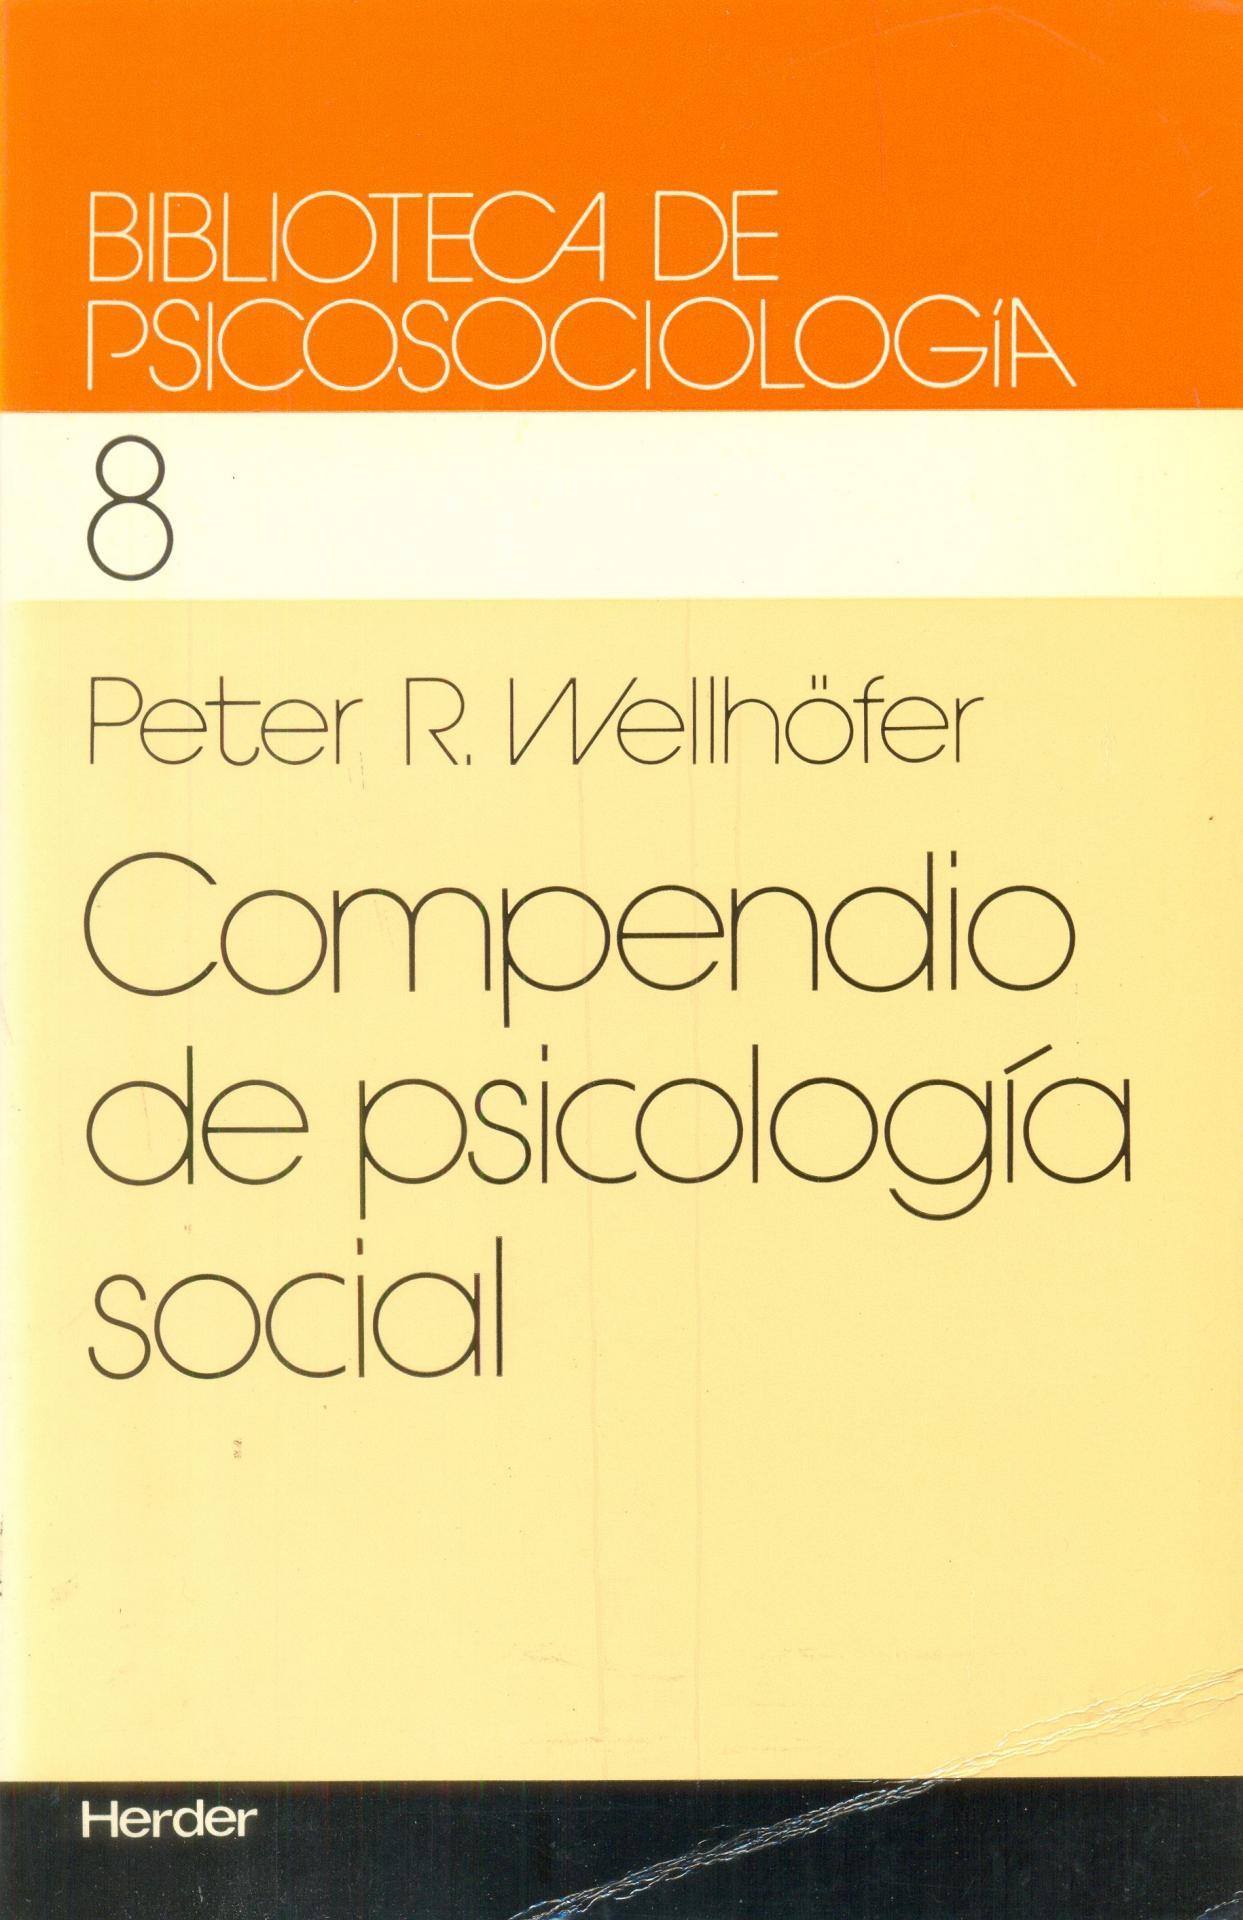 COMPENDIO DE PSICOLOGÍA SOCIAL. Welhöfer, P